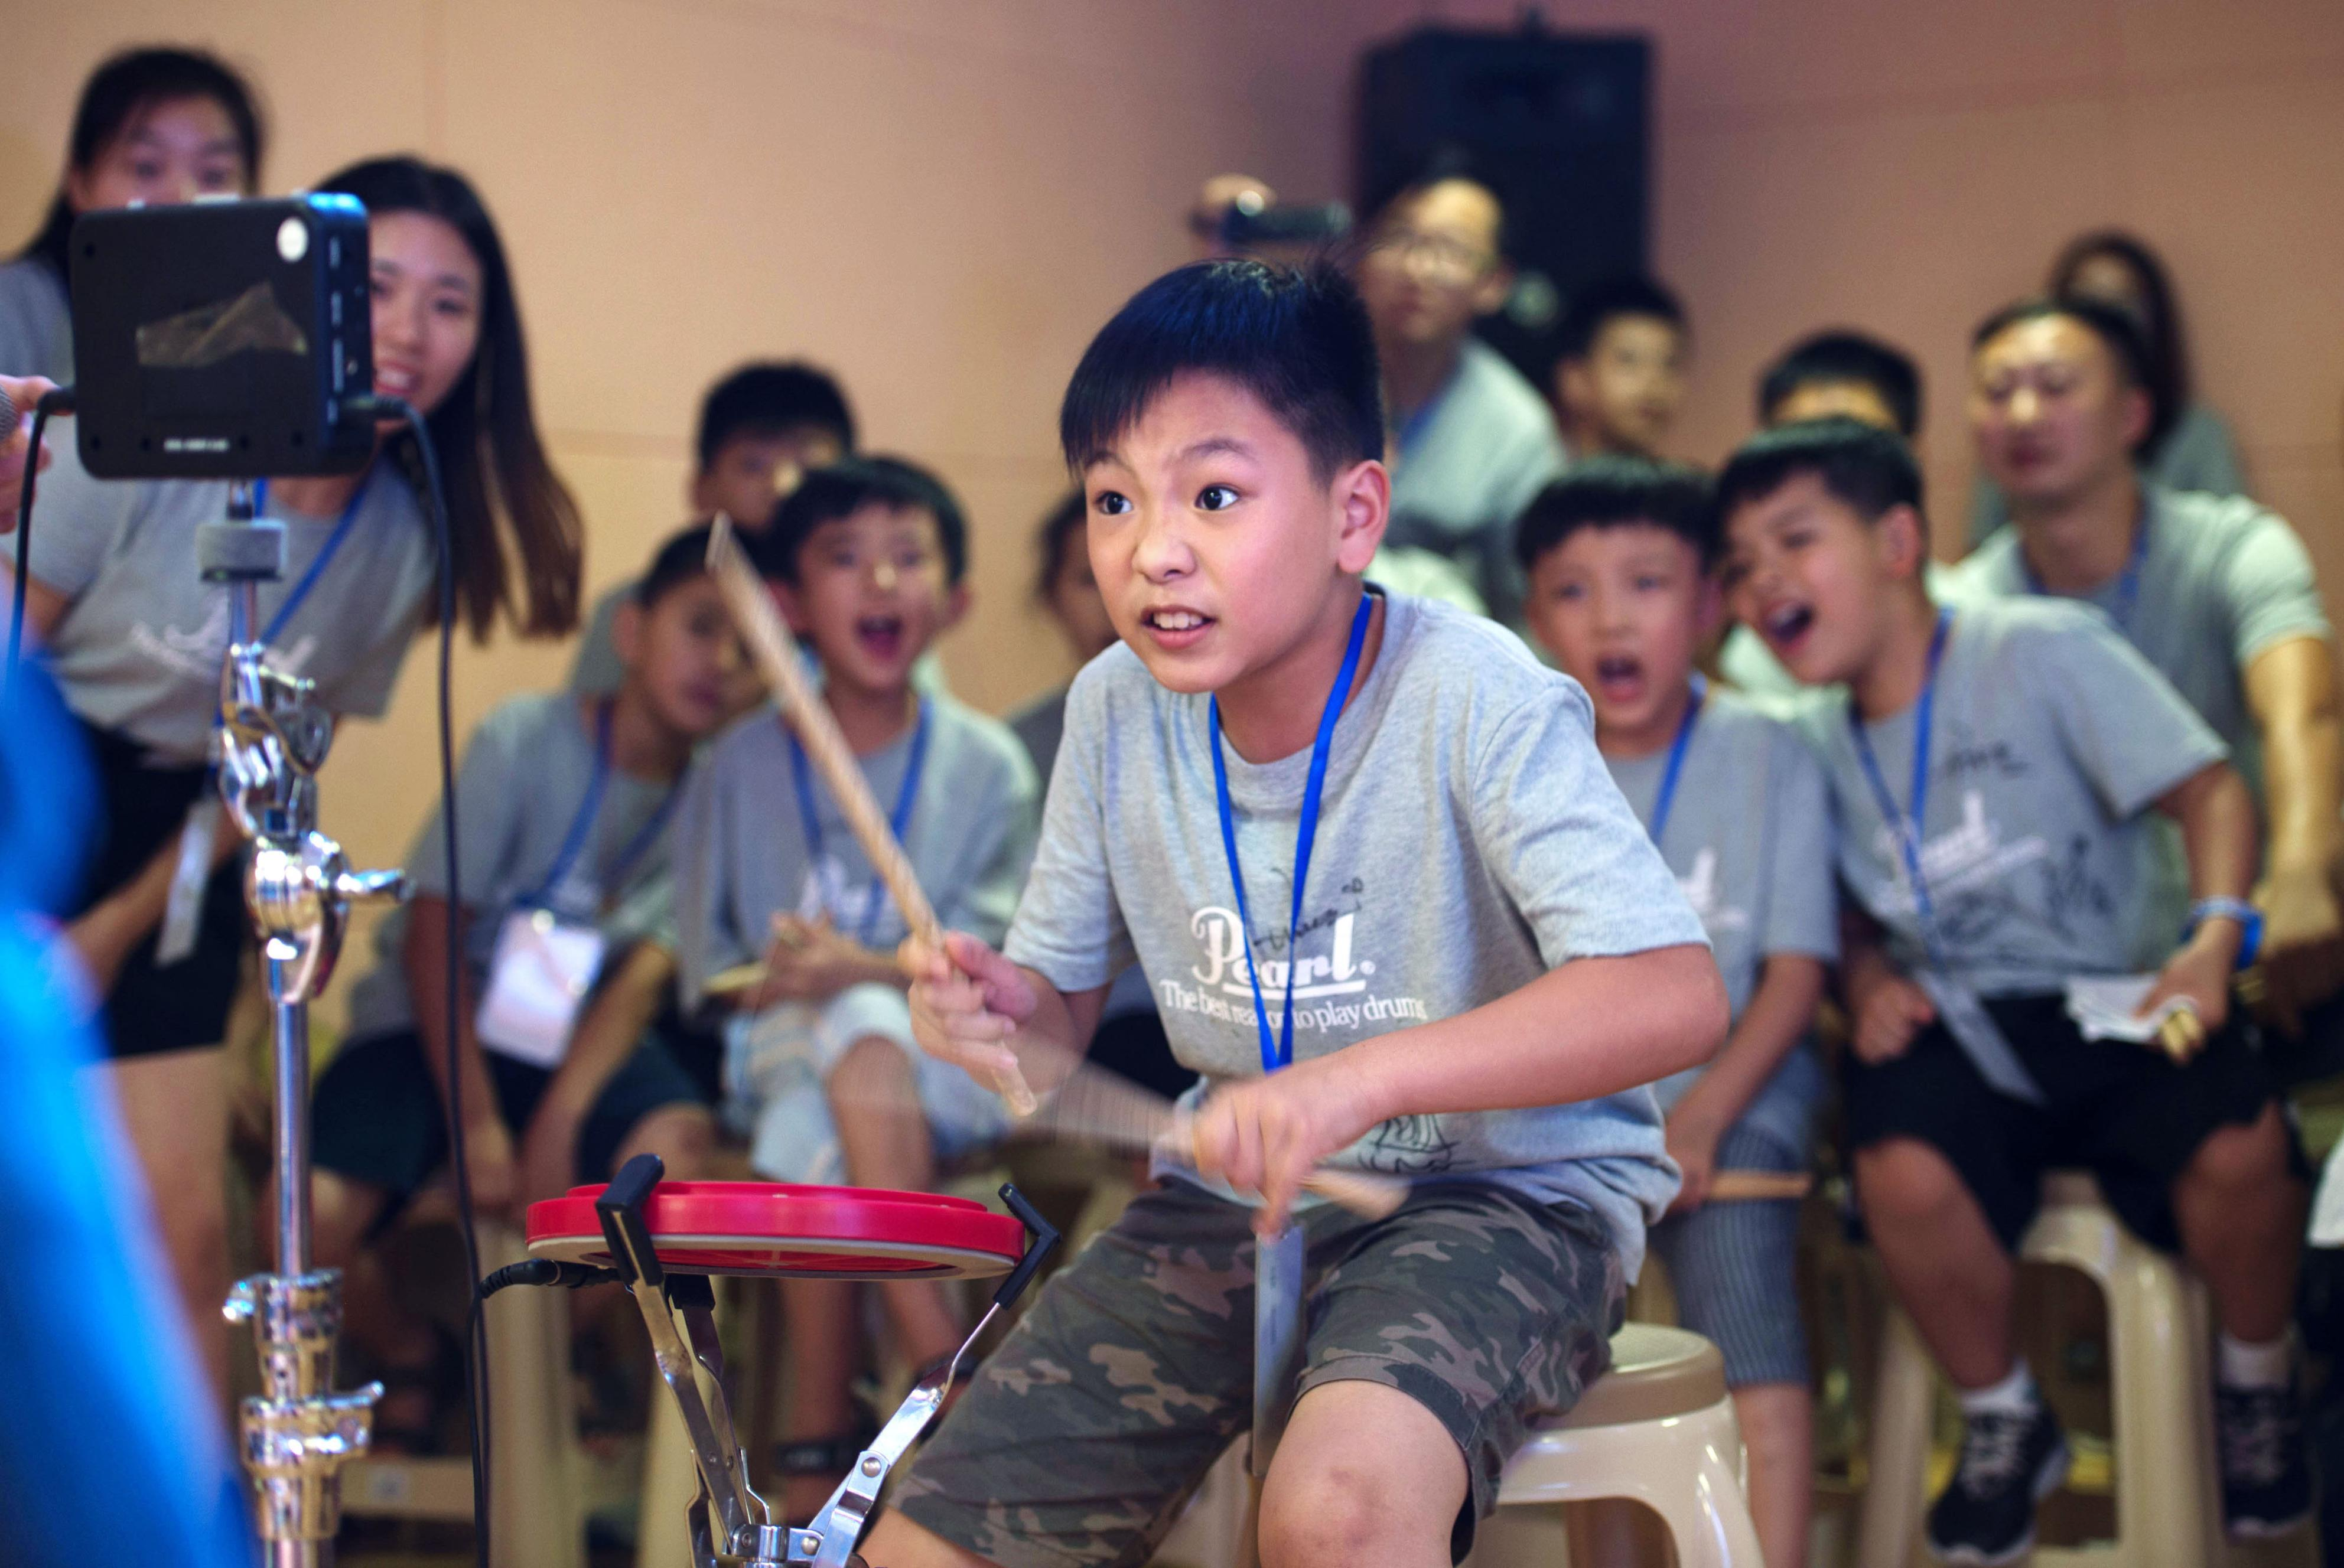 サマースクールでドラム速打ちコンテストに挑戦する男の子=中国山東省臨沂市(撮影・池上まどか、共同)